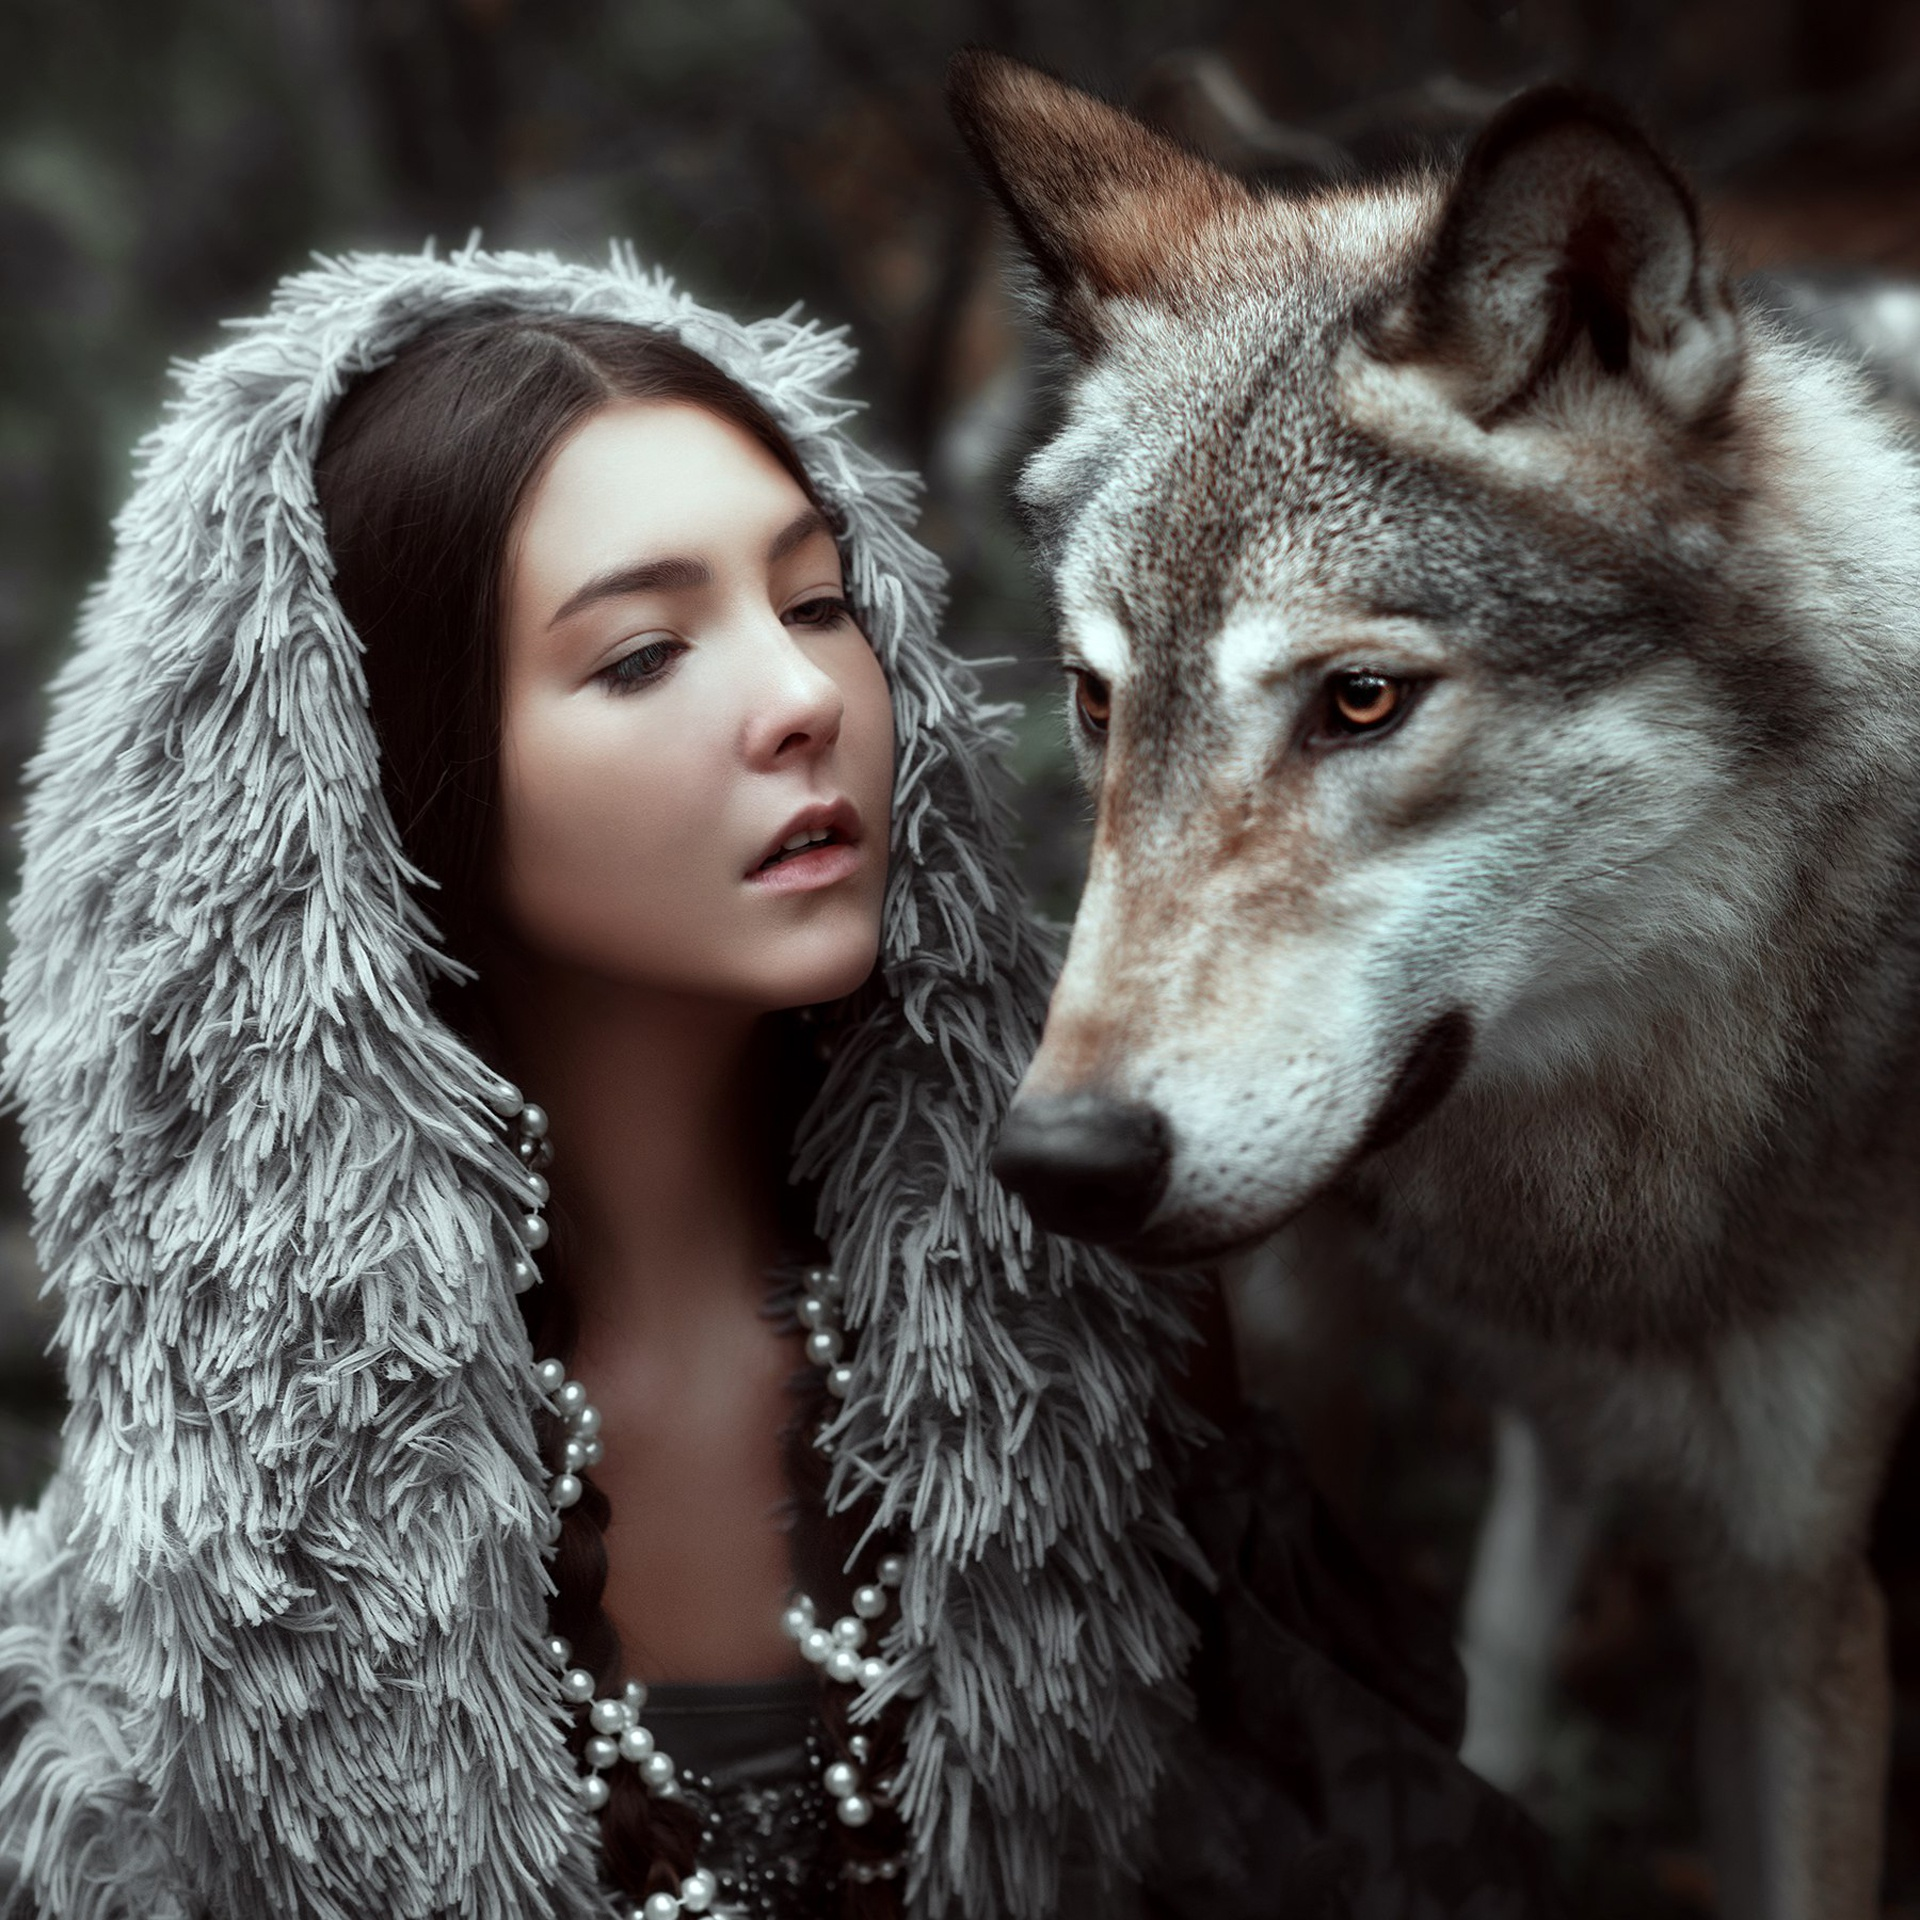 Совместить фото с волком понятным